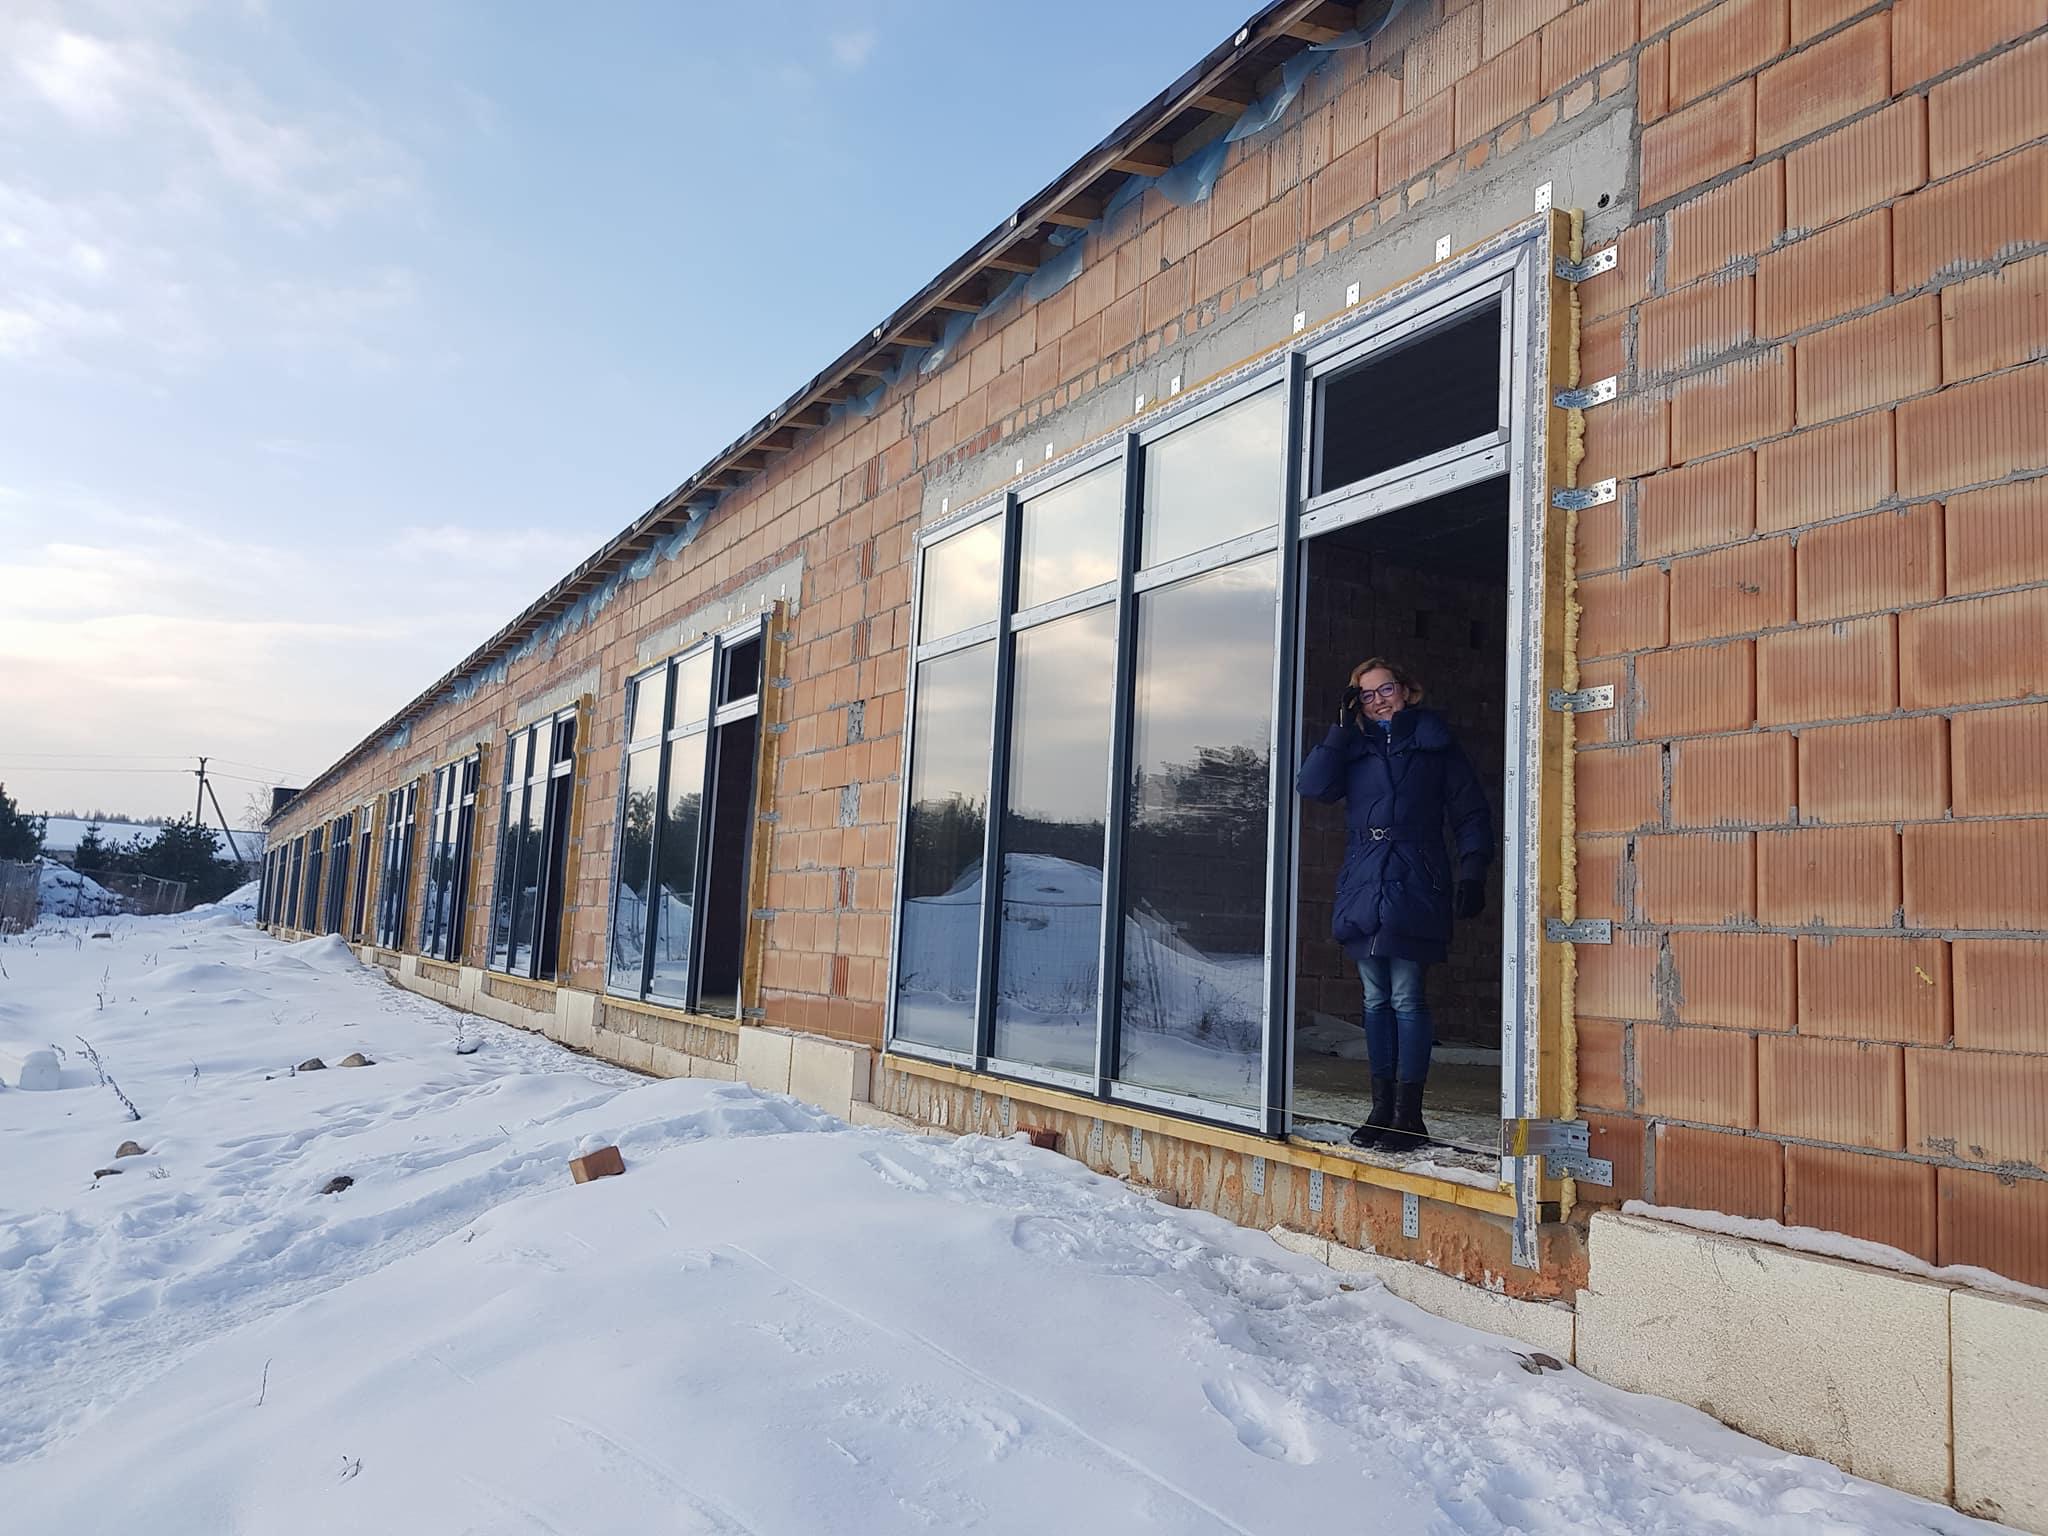 Šeimos namučiai Vilniaus rajone iškilo iš gerų žmonių aukų. Dar trūksta pinigų šiems namams įrengti.